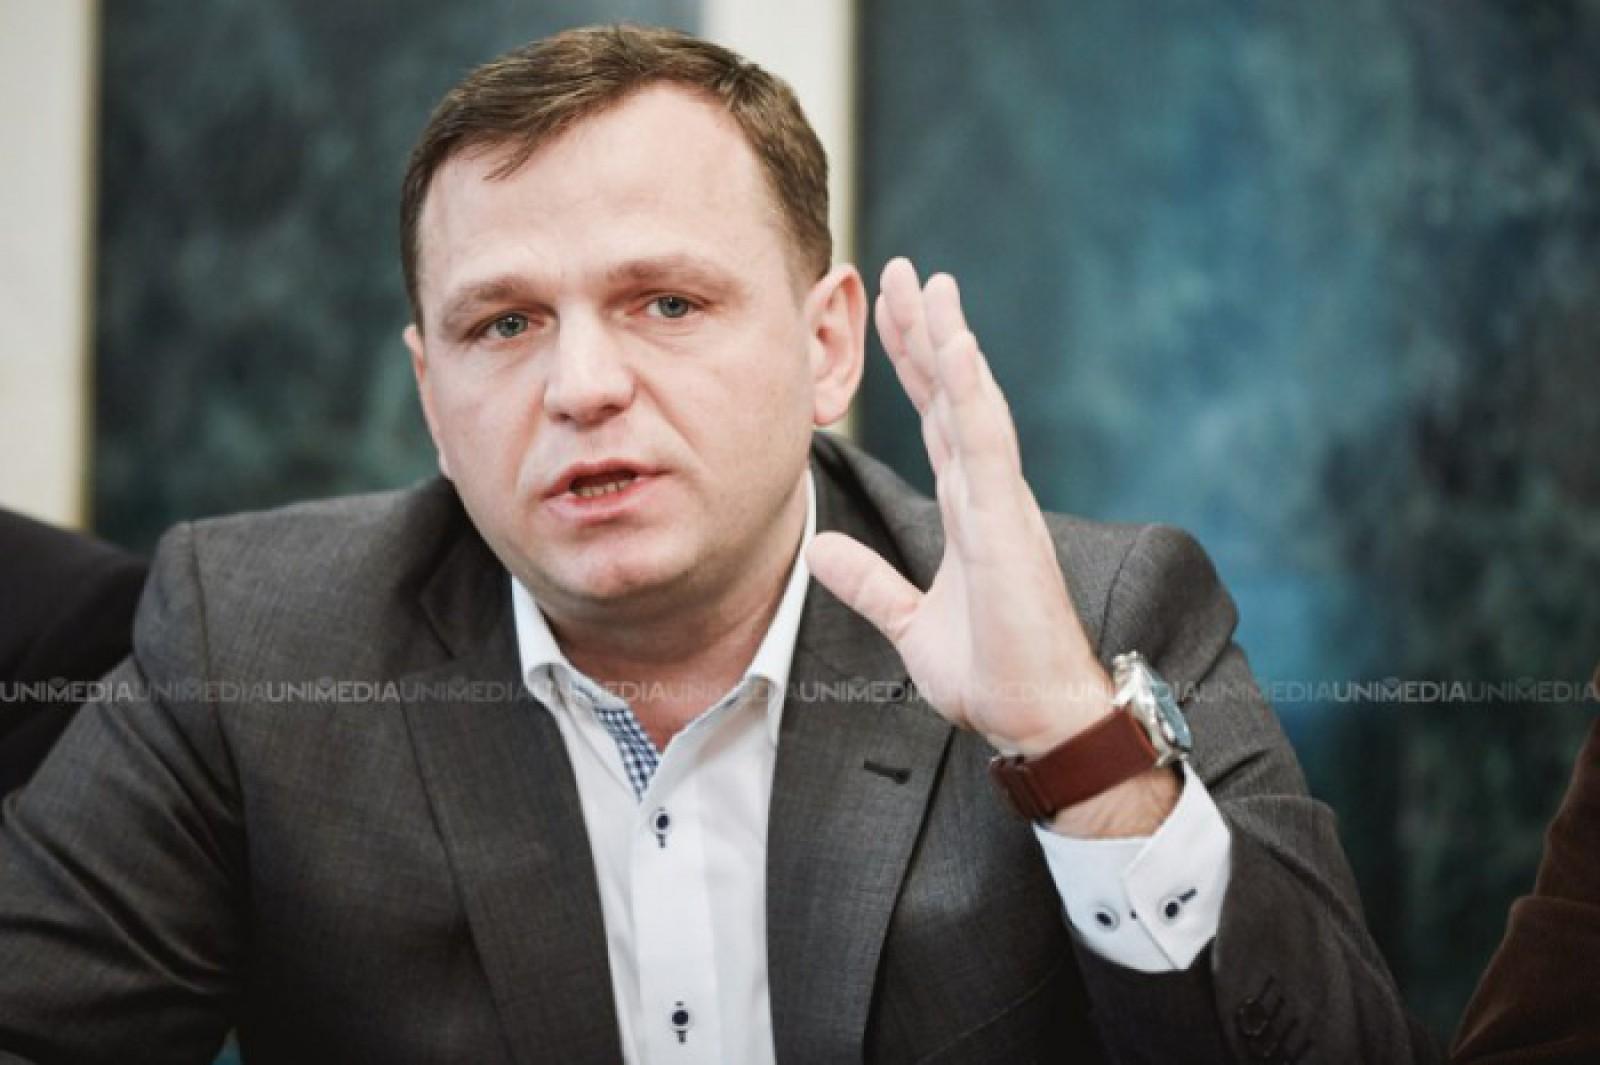 """Andrei Năstase, despre furtul miliardului: """"Atunci când voi avea mandatul, voi face demersuri pentru investigarea acestor acțiuni"""""""